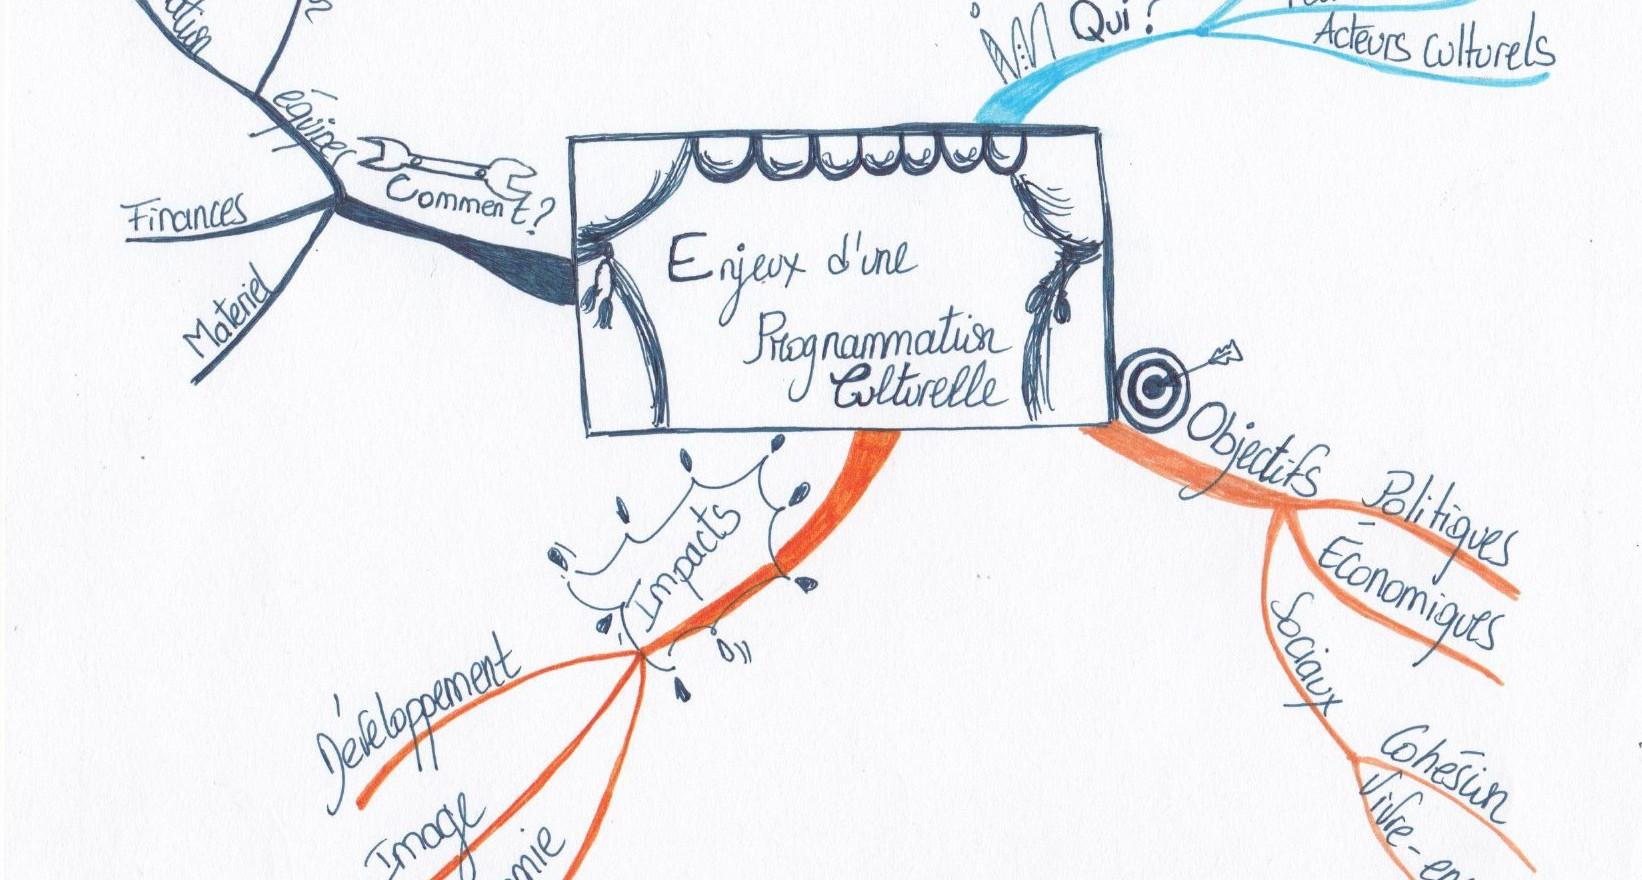 L'accompagnement par le dessin- p&dagogie par l'image- drawthelight Facilitation